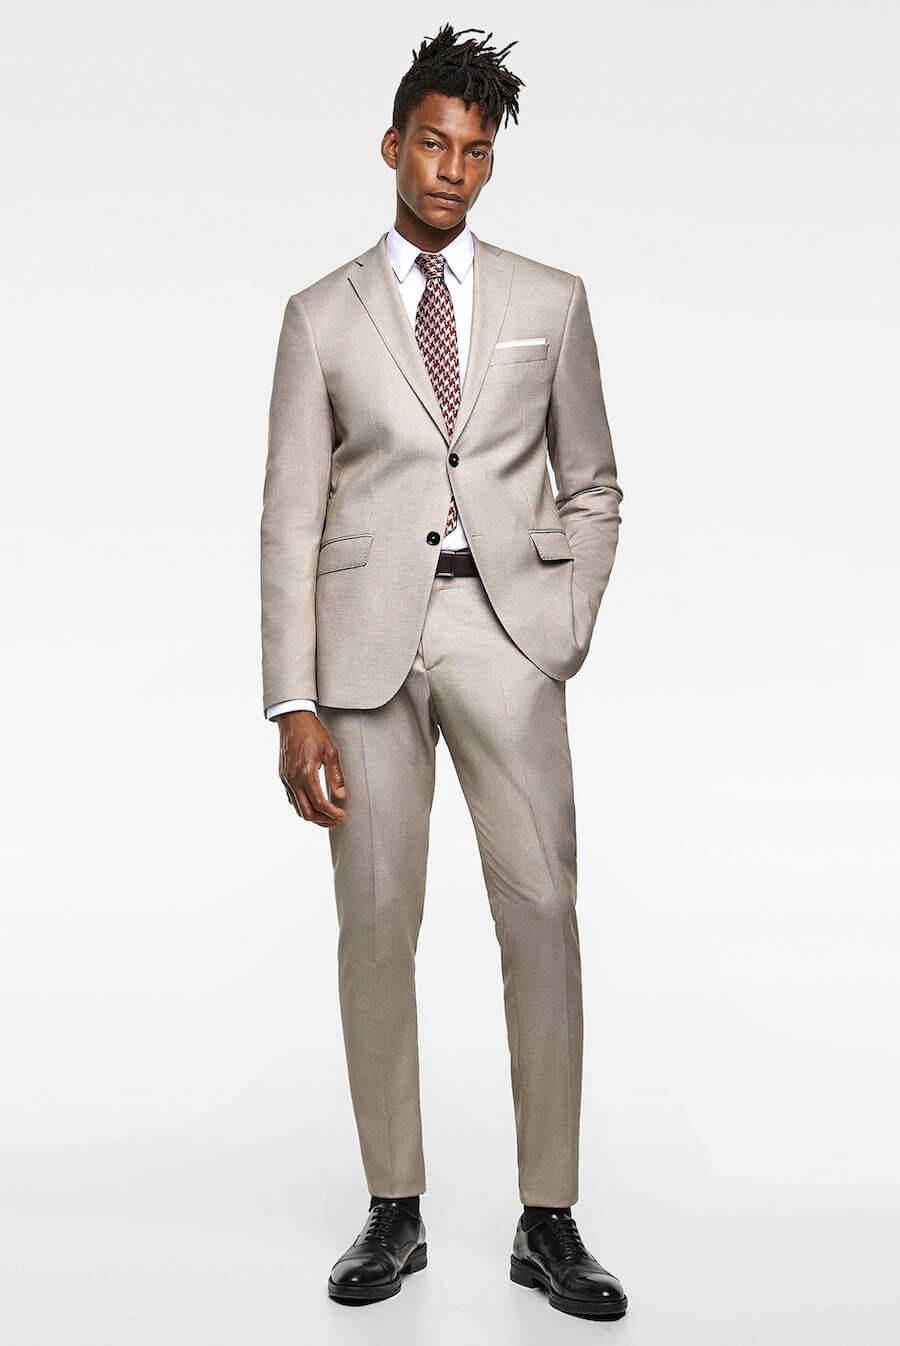 disponibilità nel Regno Unito dc371 351d4 Moda uomo estate 2019 I 7 migliori vestiti che puoi comprare ...